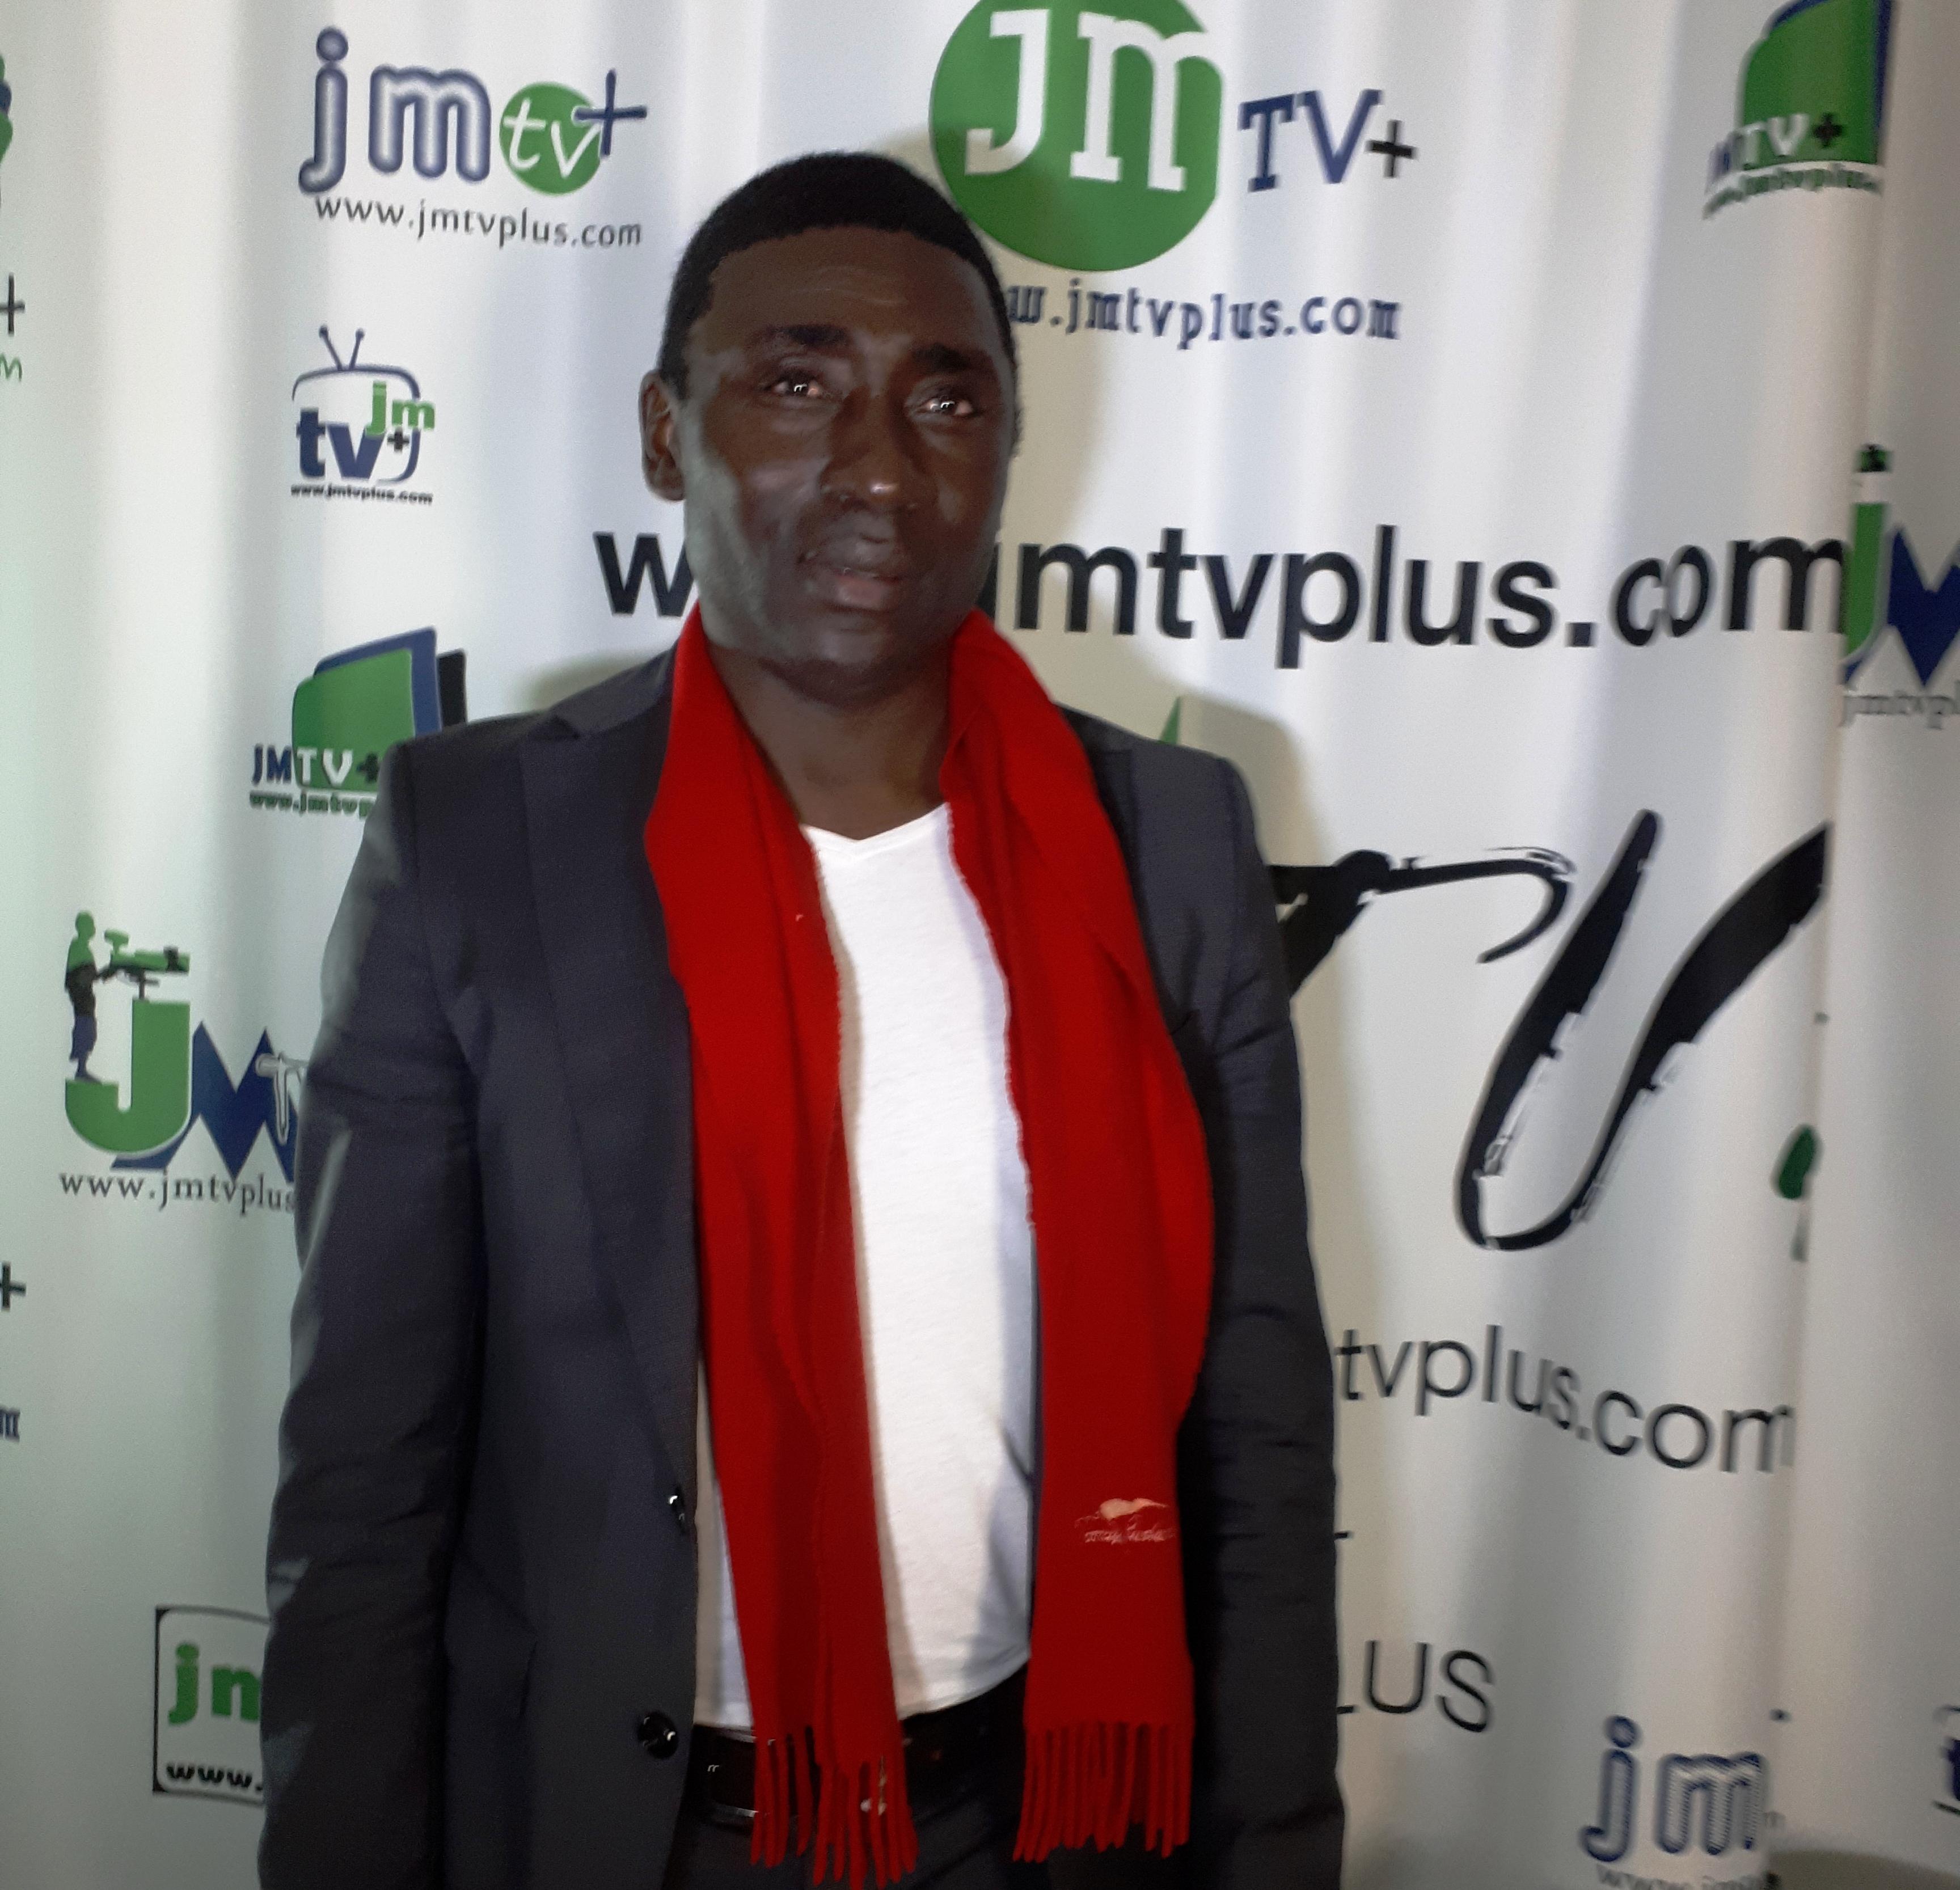 CAMEROUN/CHRISTOPHE JUNIOR ZOGO:»DES PROCHES DE PAUL BIYA me SOLLICITE AFIN QUE JE LES AIDE à OBTENIR L'ASILE POLITIQUE en FRANCE…»